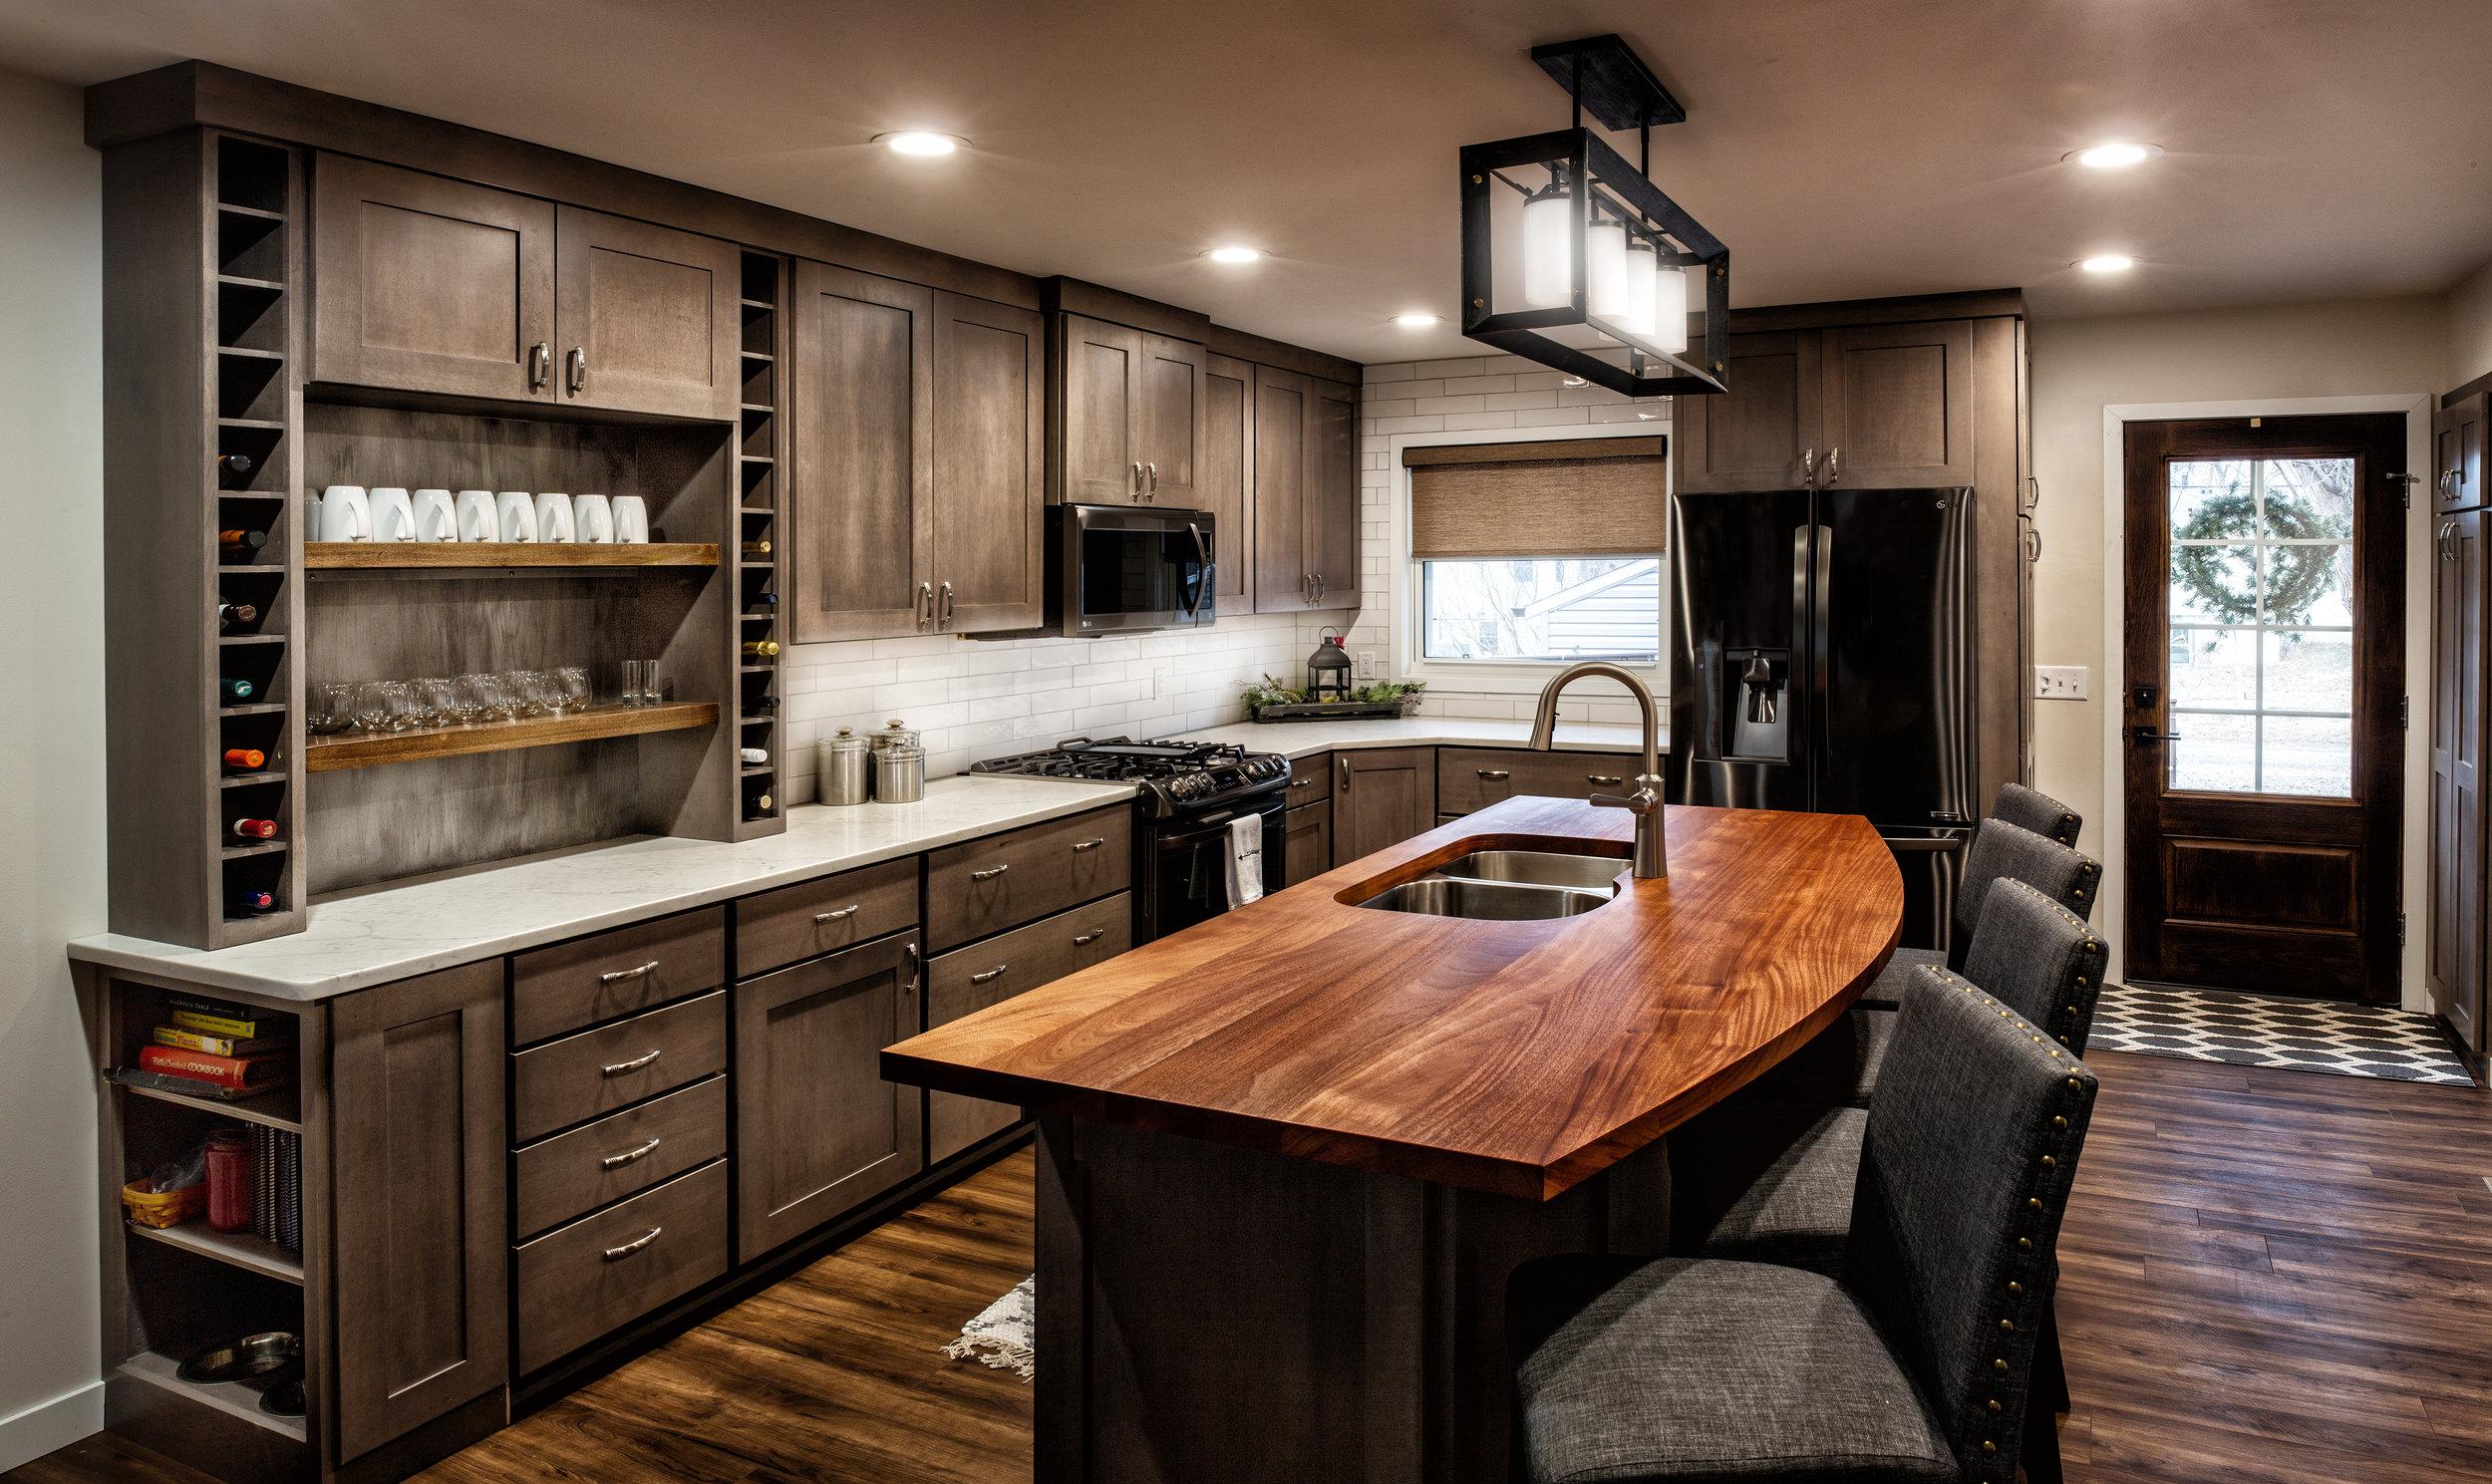 kay stevens design kitchen carroll iowa web.jpg